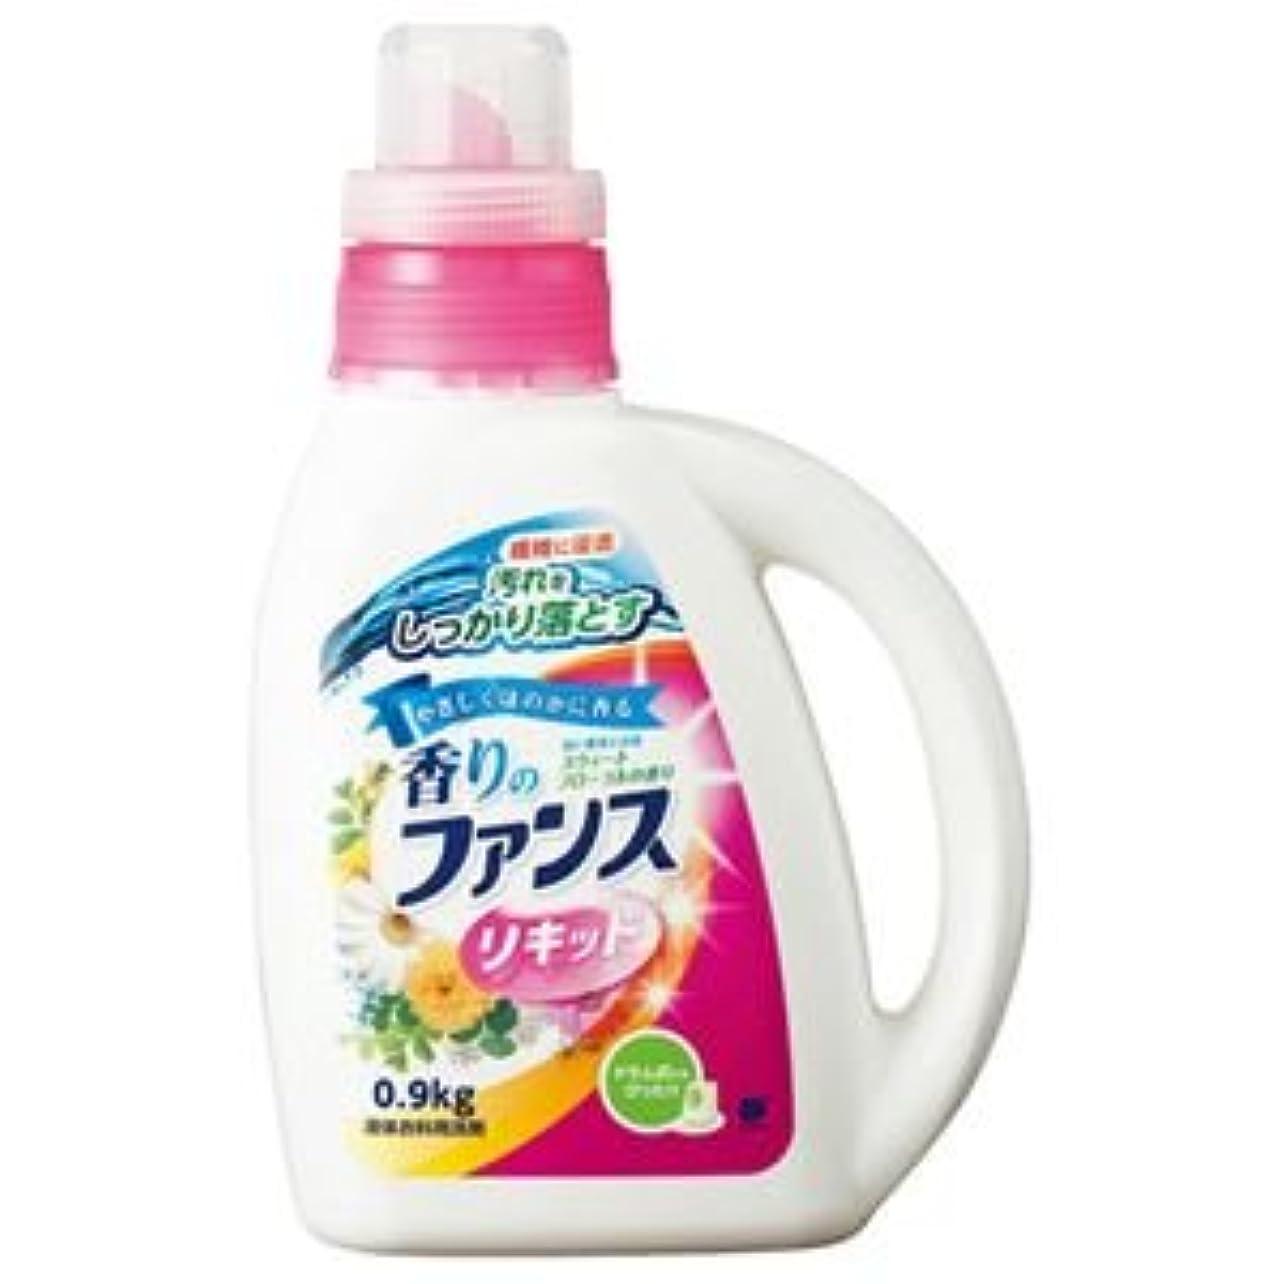 一生大声でシンプルな(まとめ) 第一石鹸 香りのファンス 液体衣料用洗剤リキッド 本体 0.9kg 1本 【×10セット】